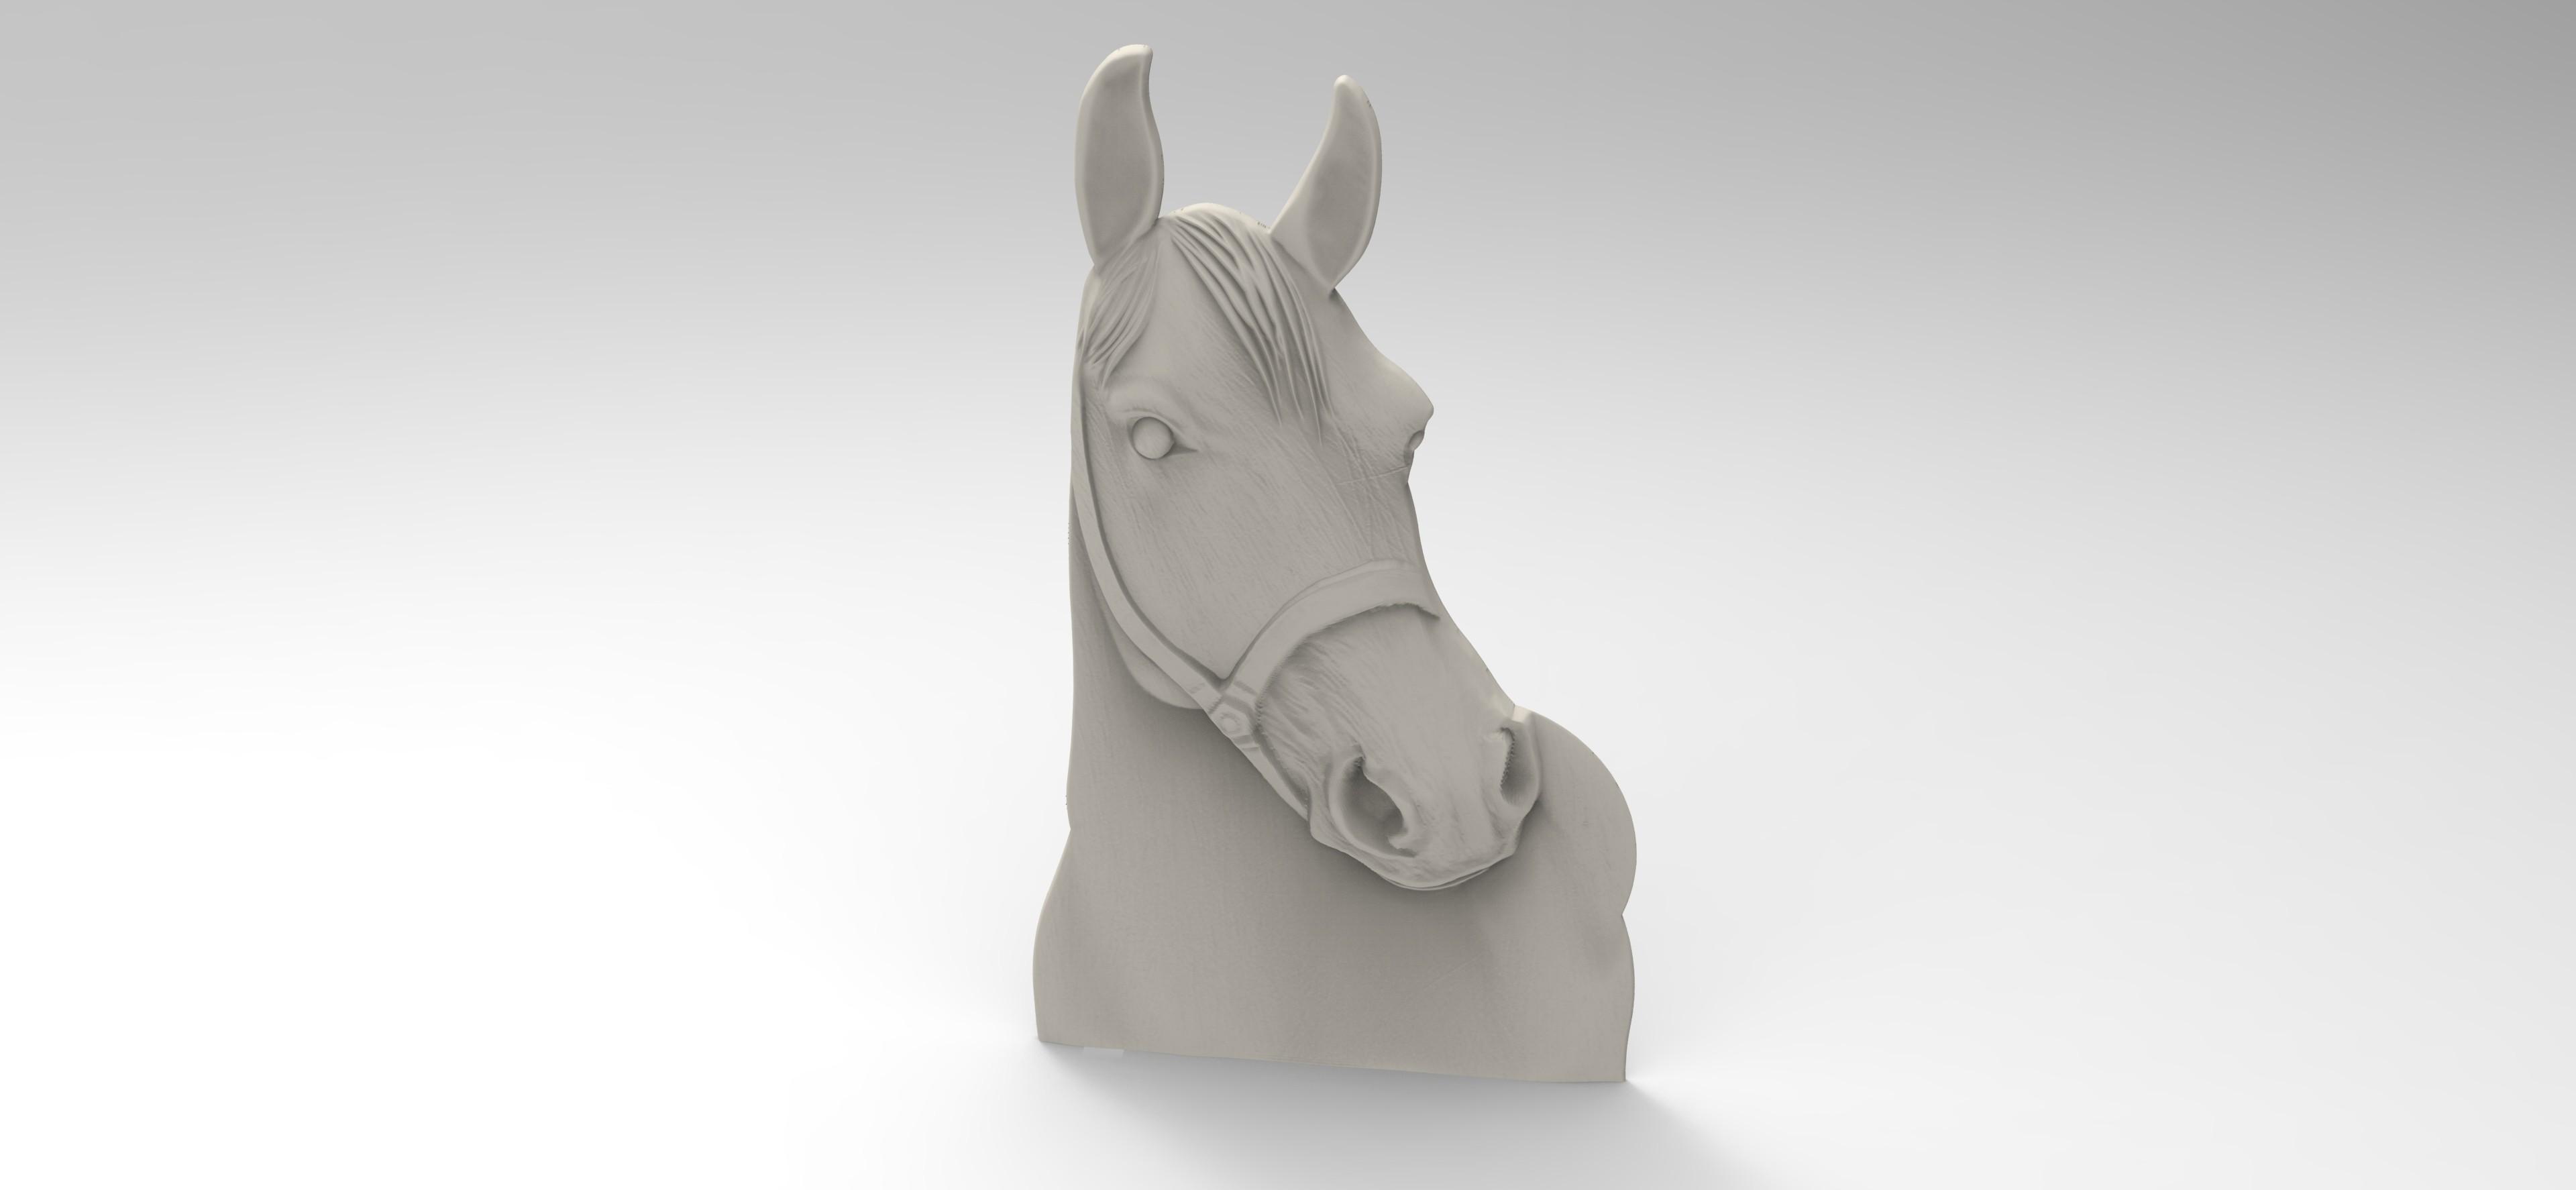 untitled.98.jpg Download STL file horse • 3D print design, Mooos